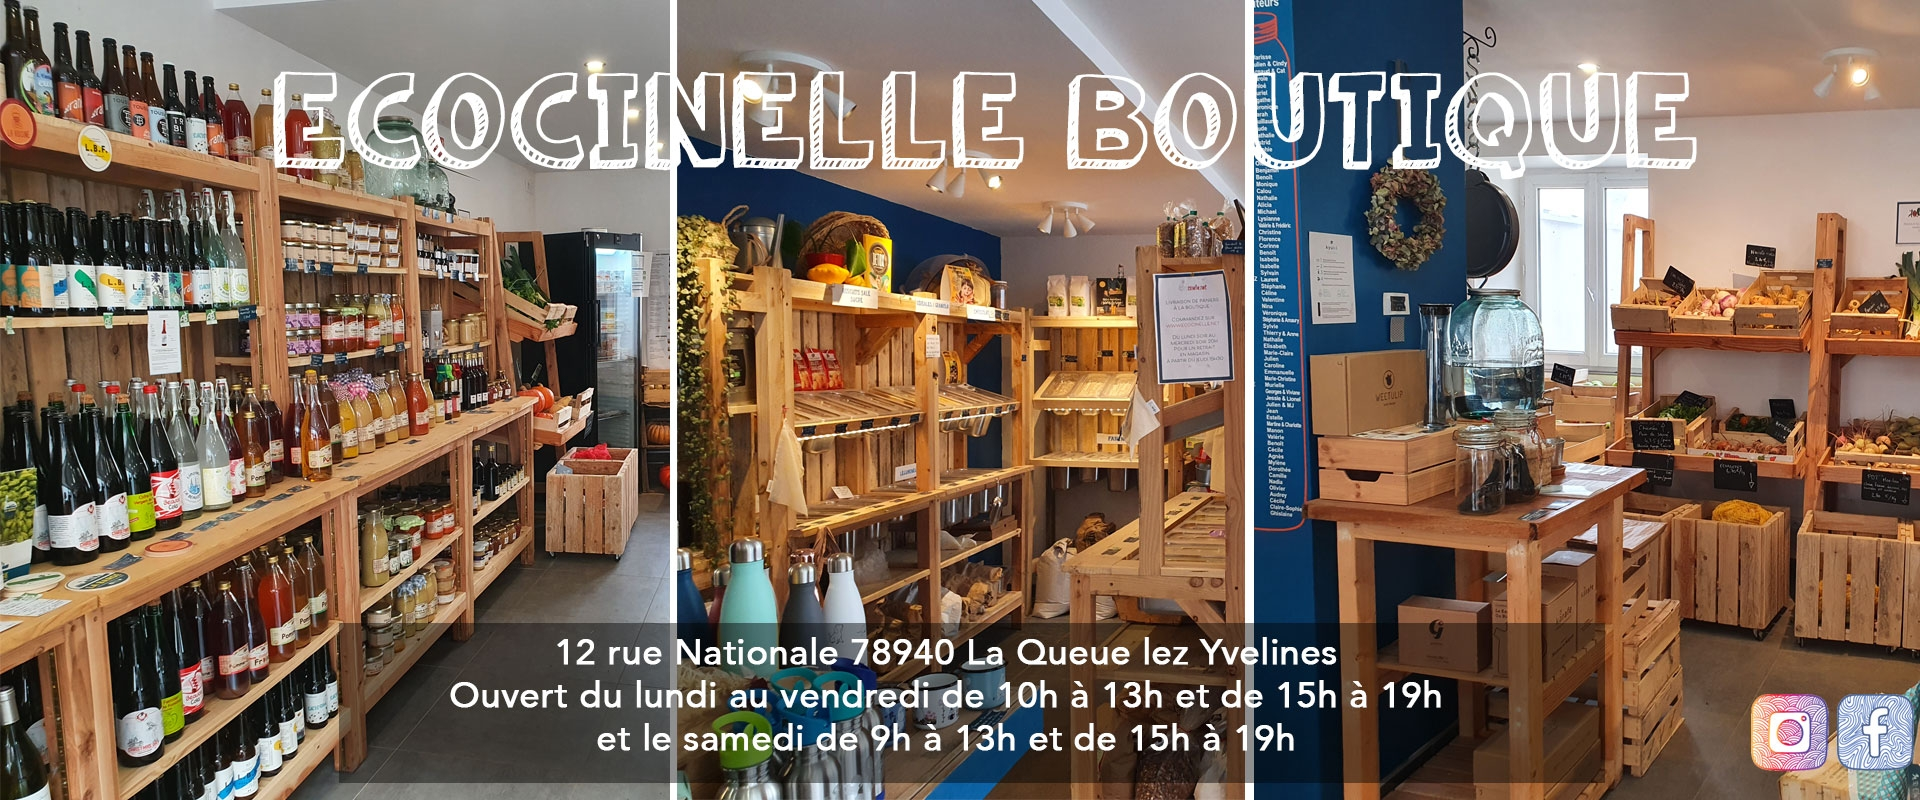 Ecocinelle Boutique - La queue lez Yvelines